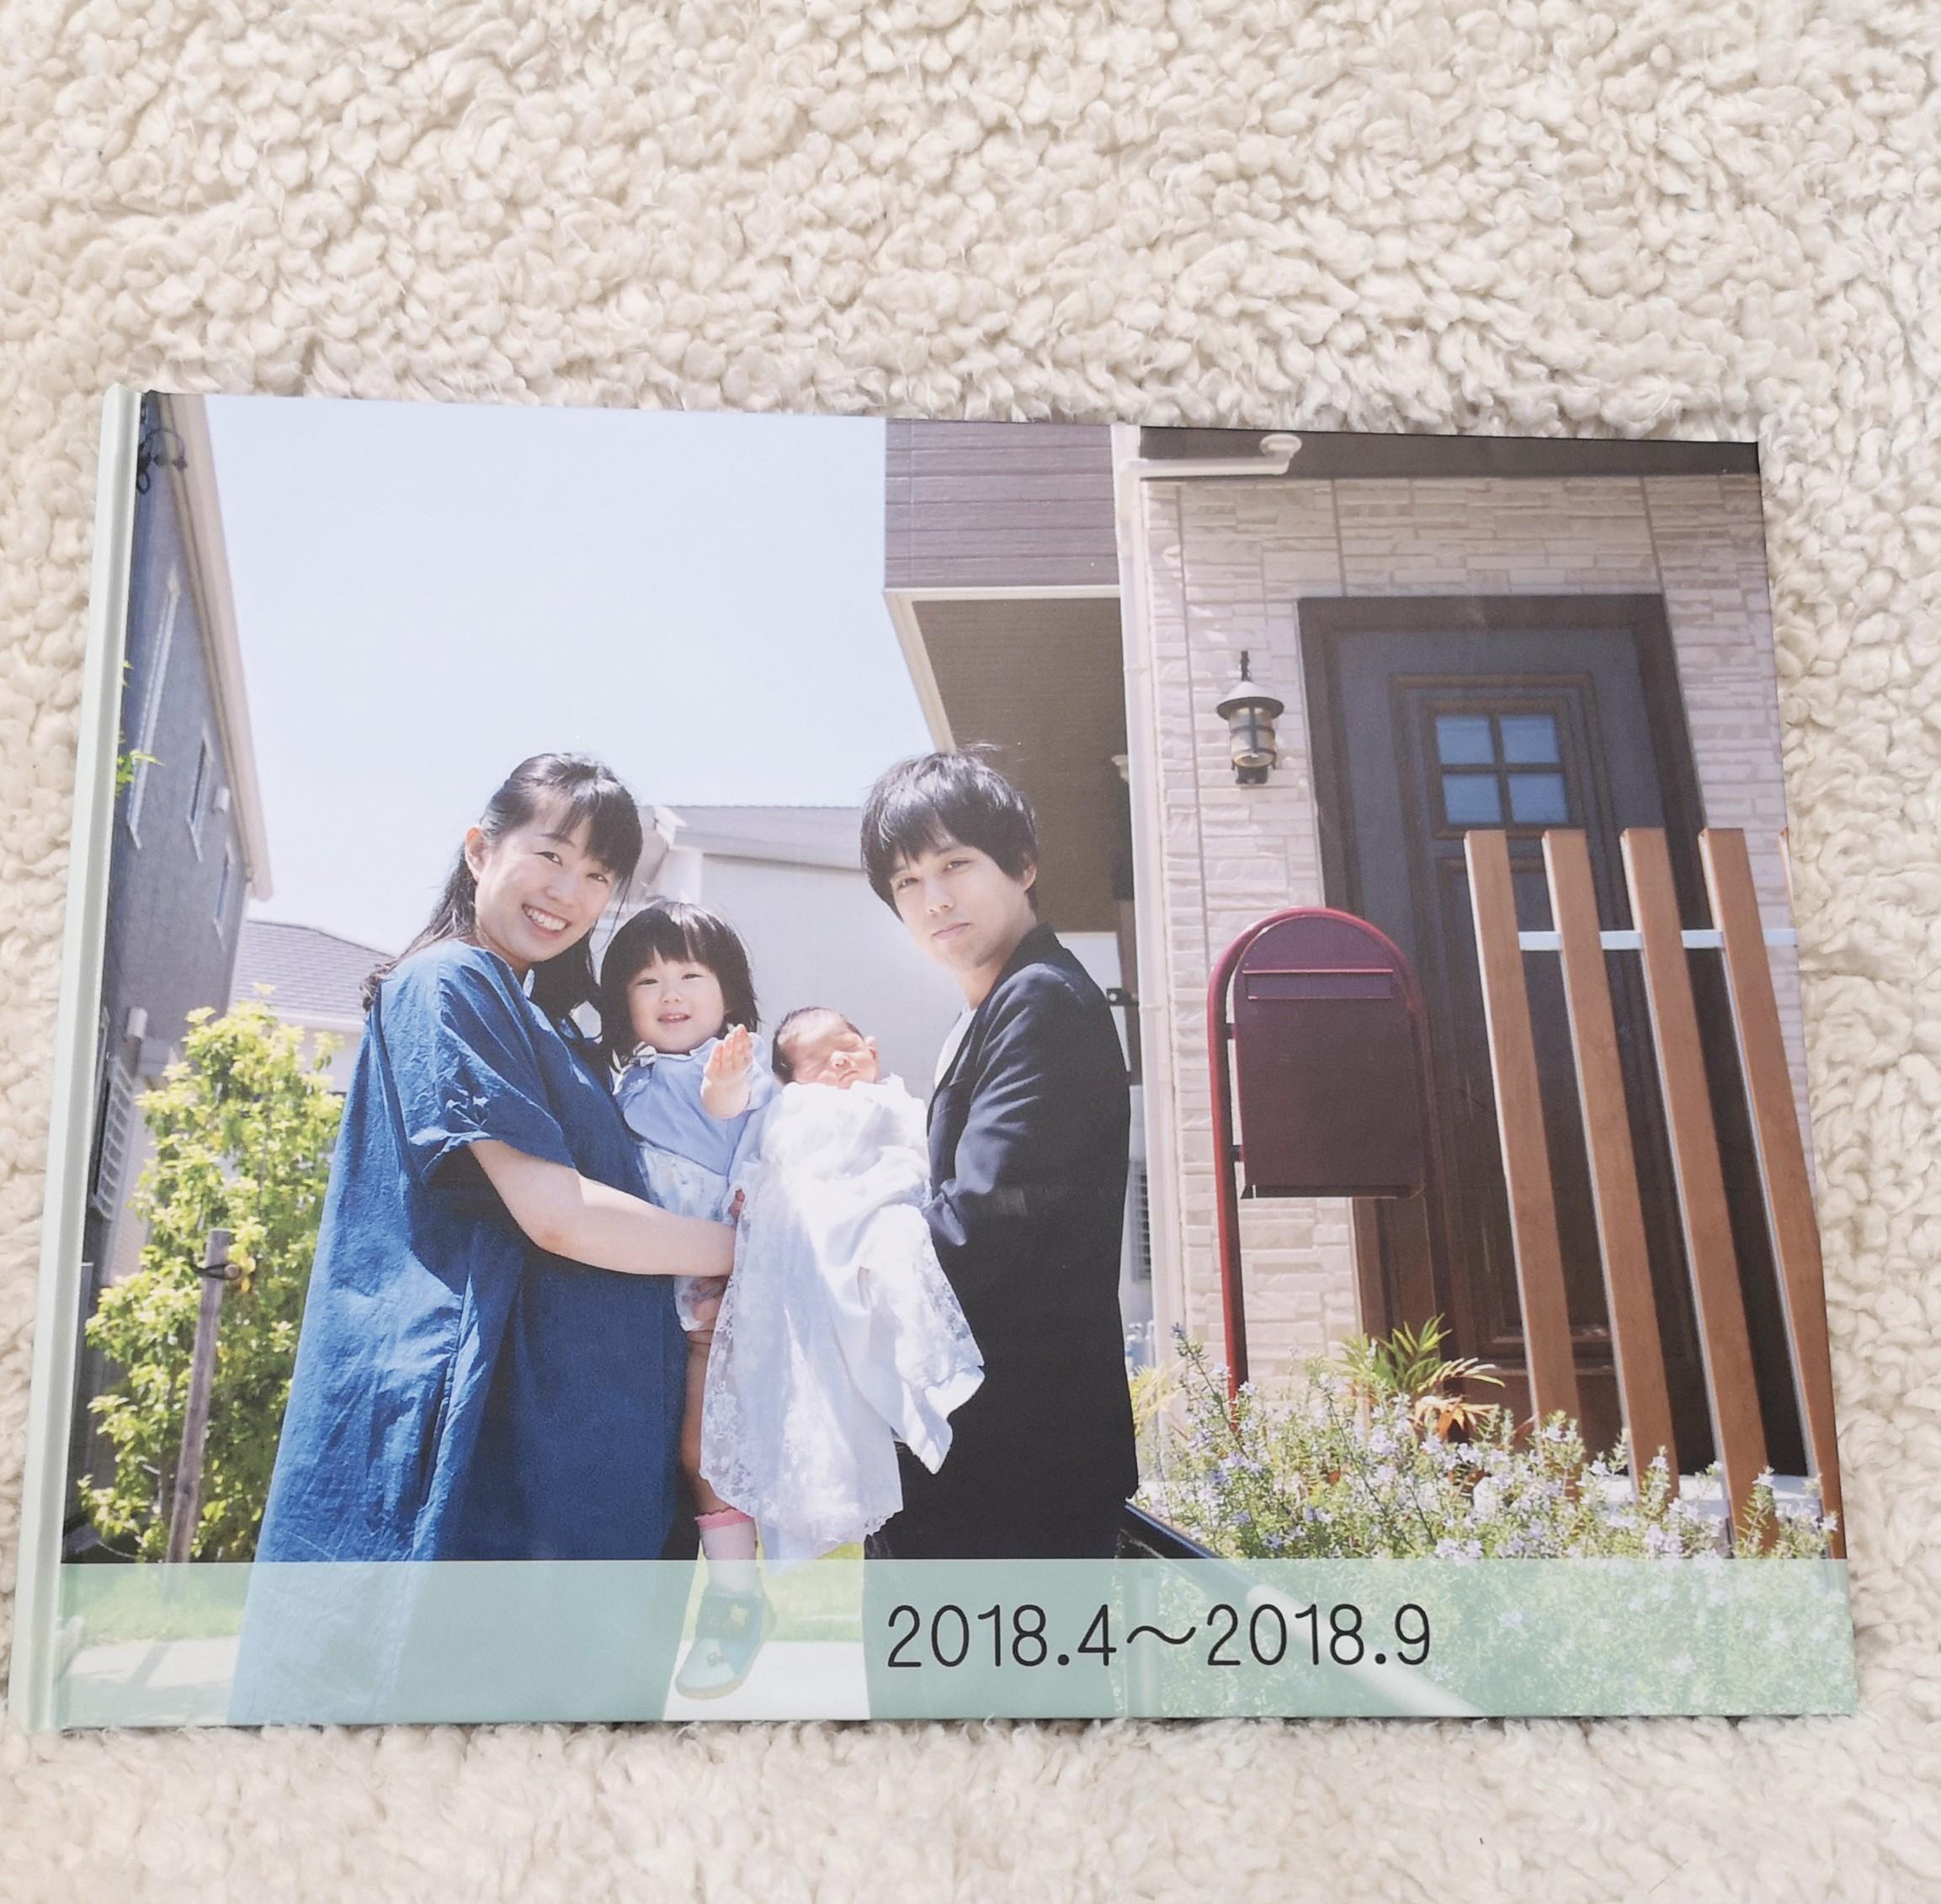 おすすめ子供の1年アルバム(イヤーアルバム)ココアル1